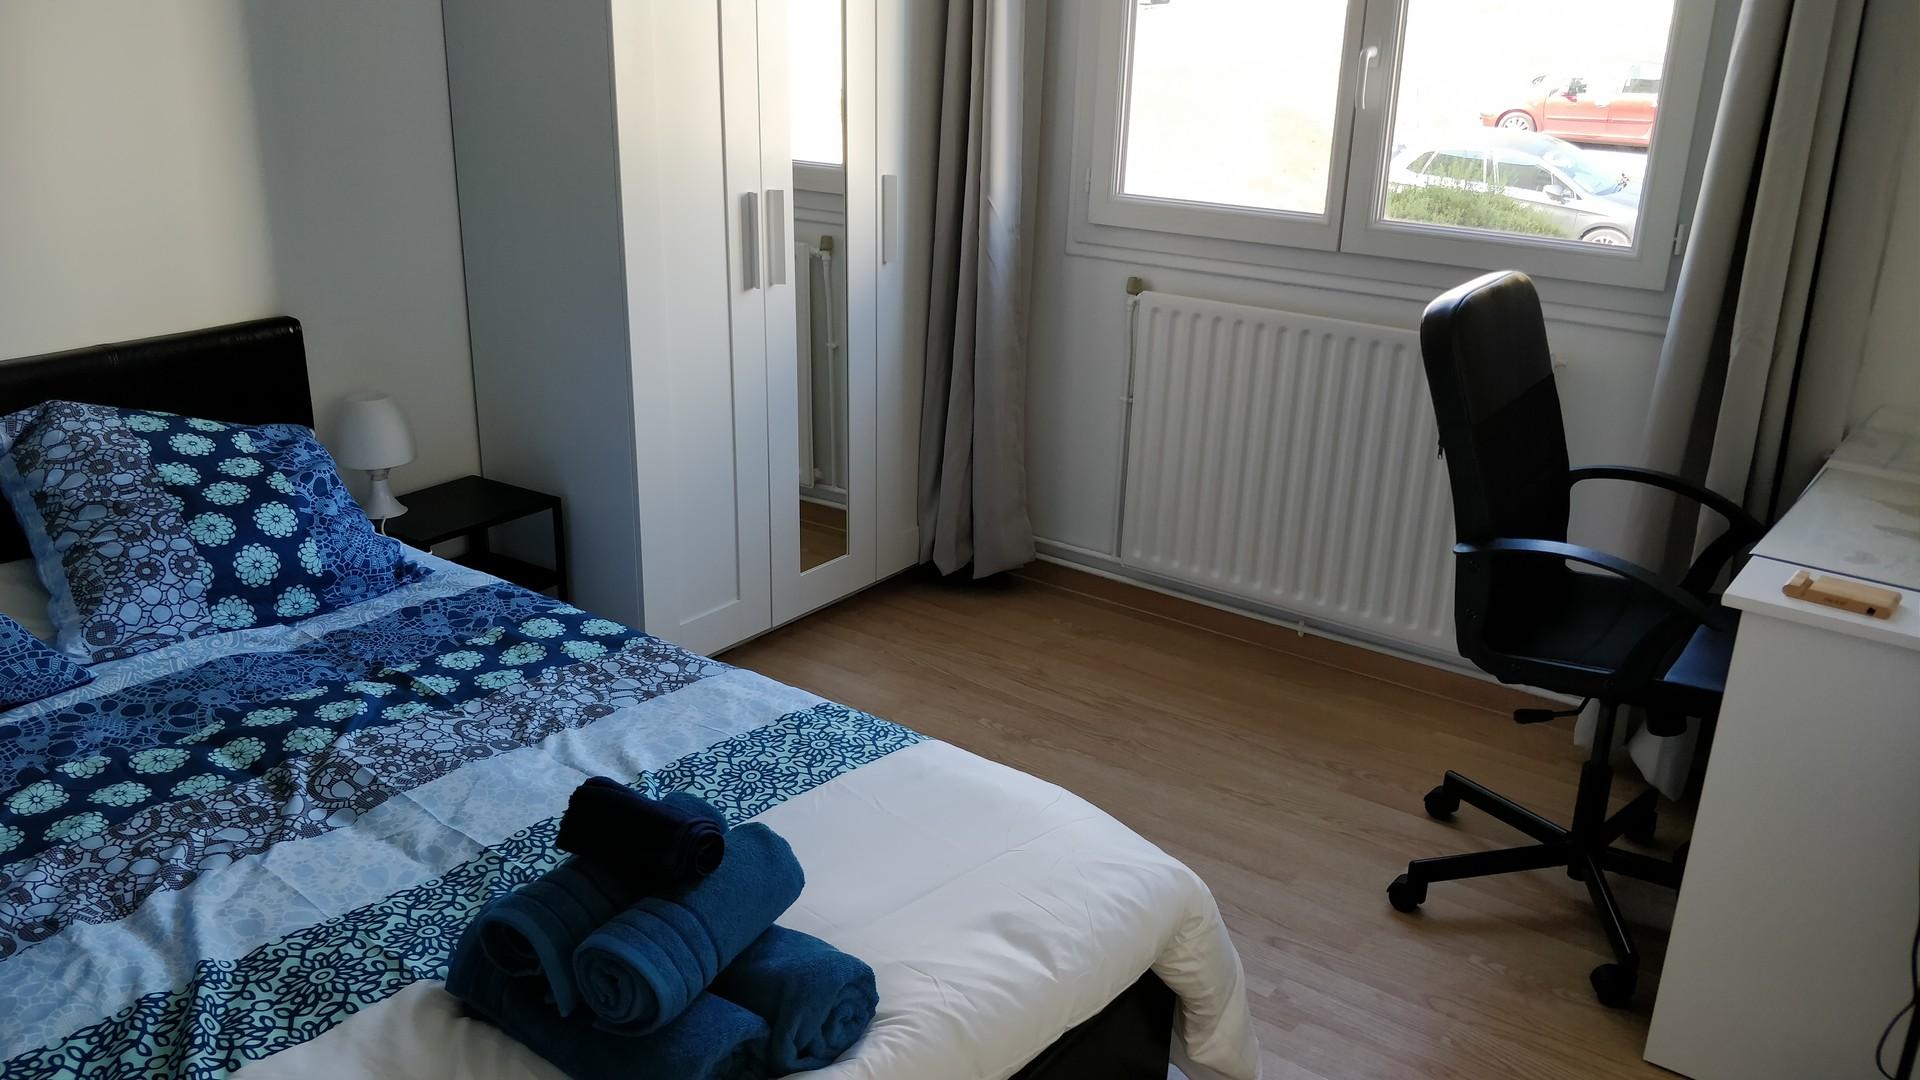 Les 4 Pieds Rouen warm student bedroom to rent in 4-room flatshare in rouen